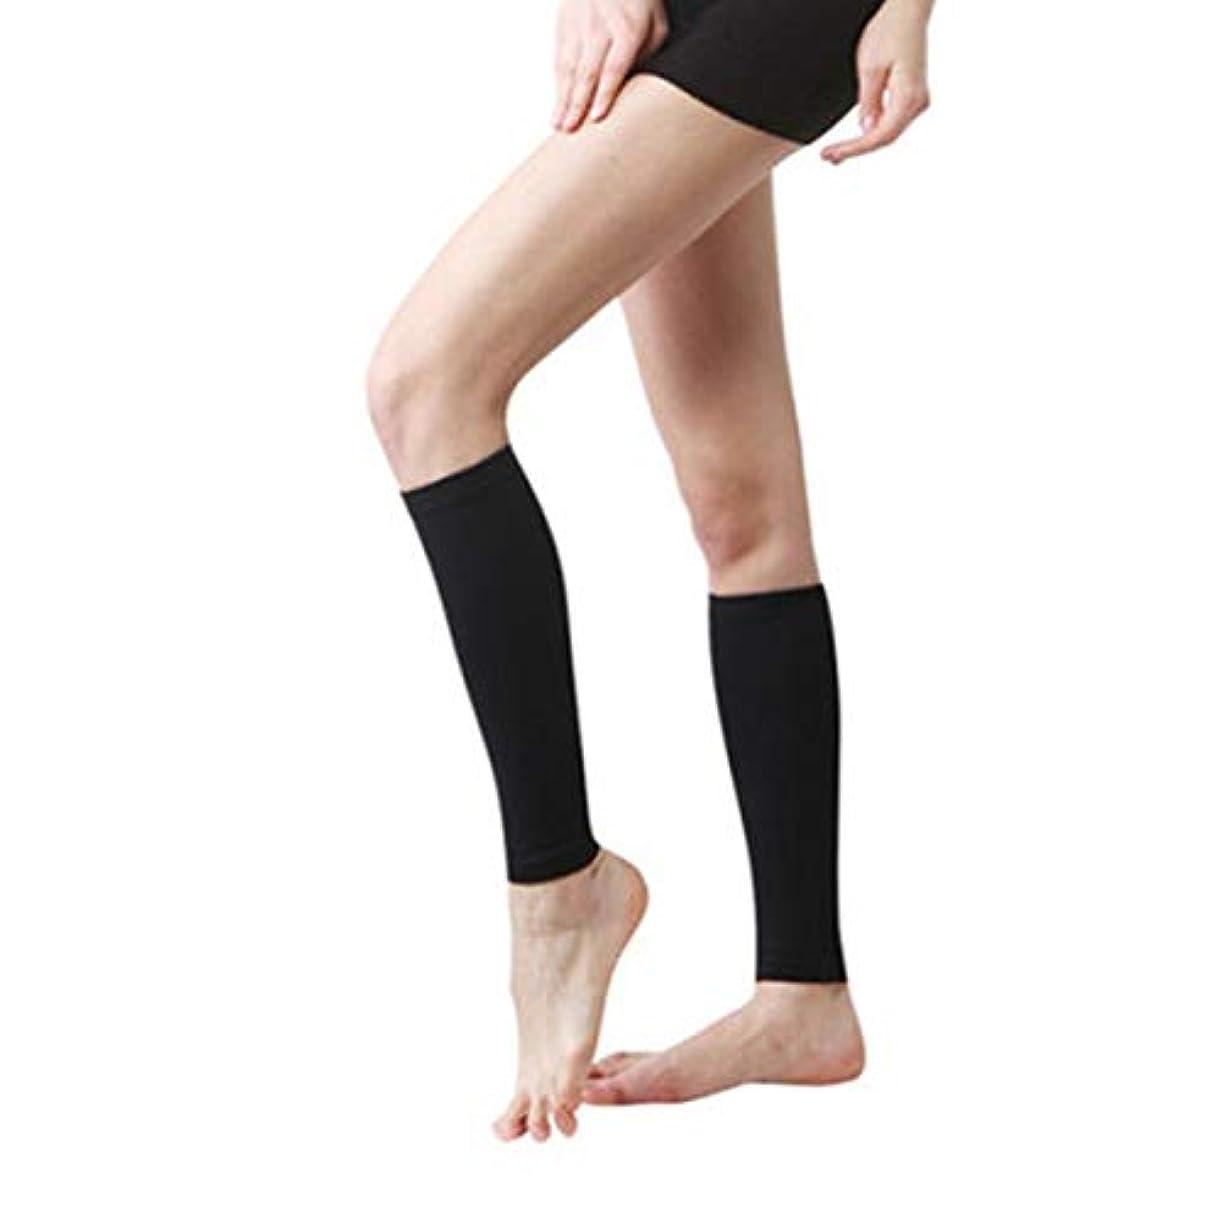 同じキッチン編集者丈夫な男性女性プロの圧縮靴下通気性のある旅行活動看護師用シンススプリントフライトトラベル - ブラック